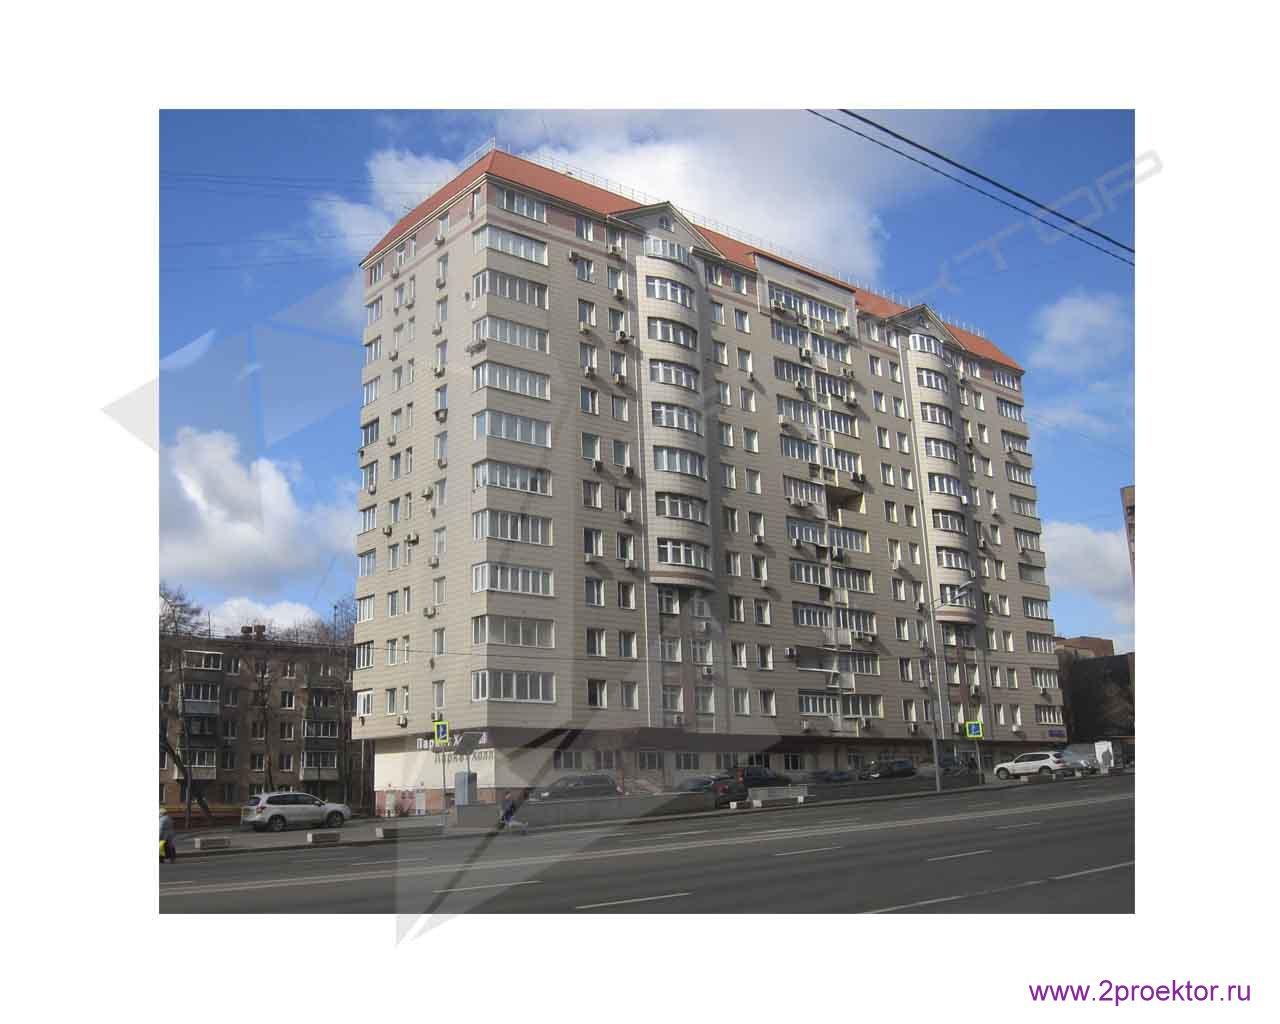 Пример монолитного дома в Москве